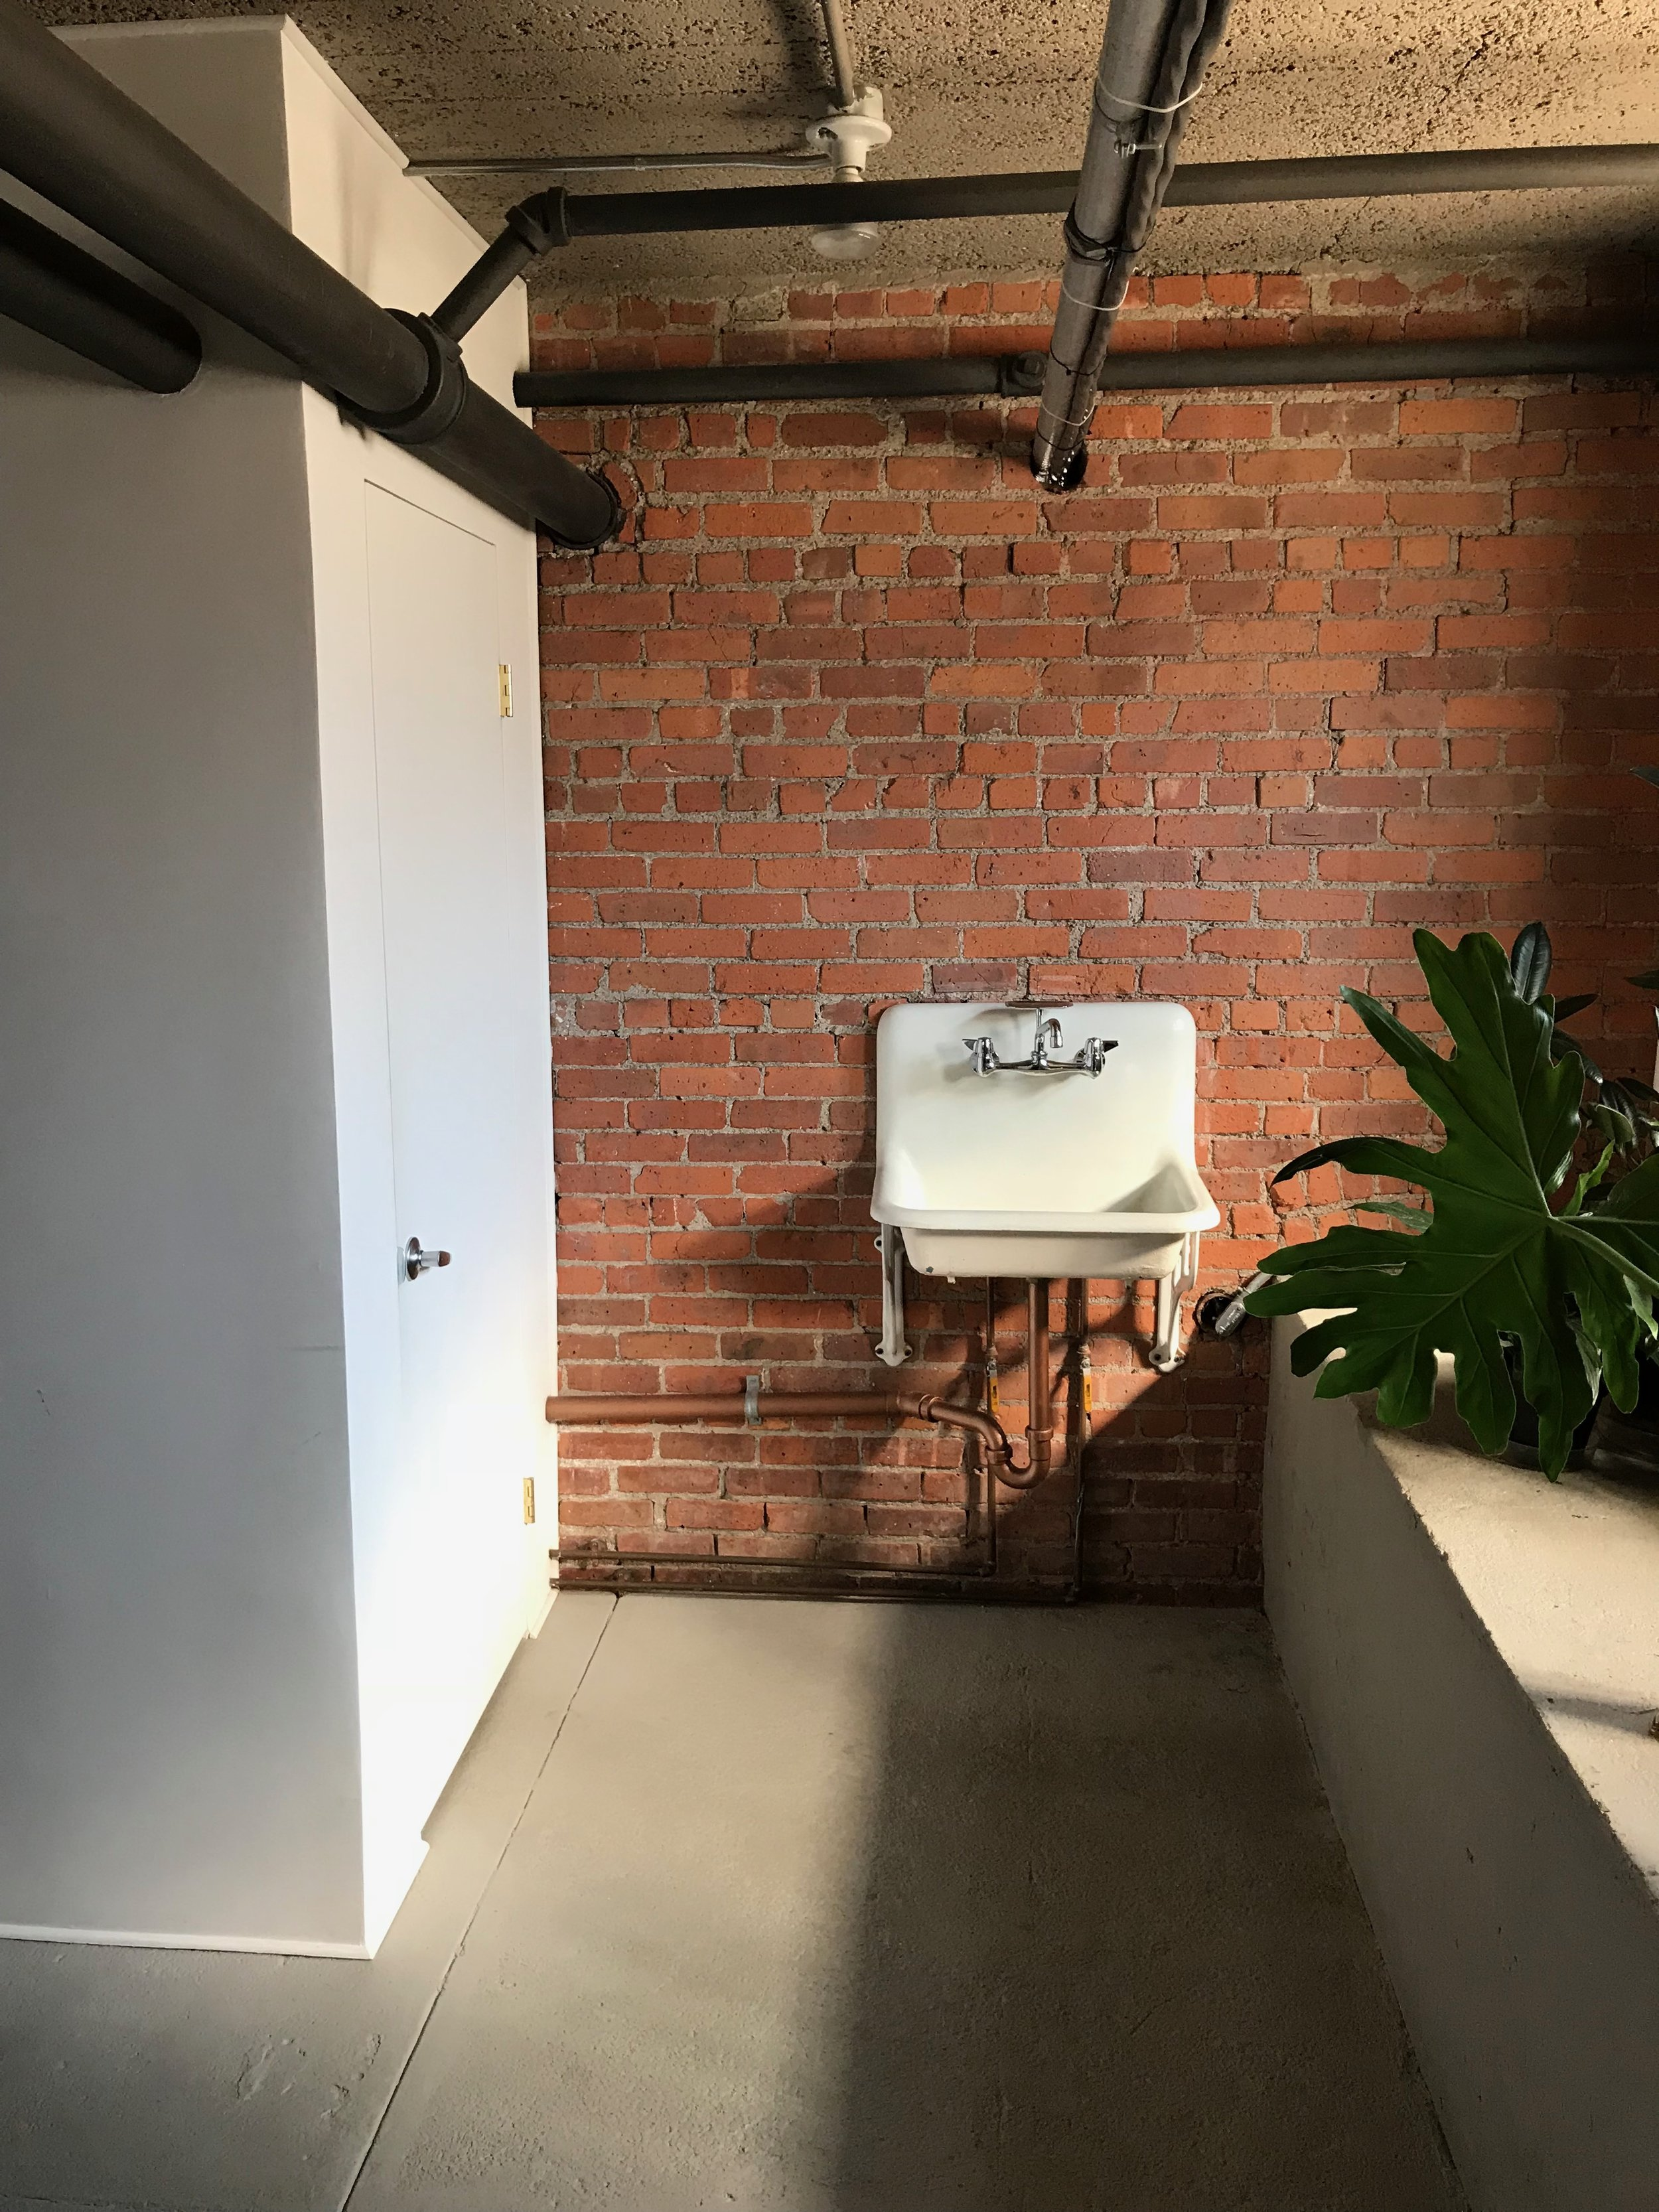 telelphone  building sink.jpg